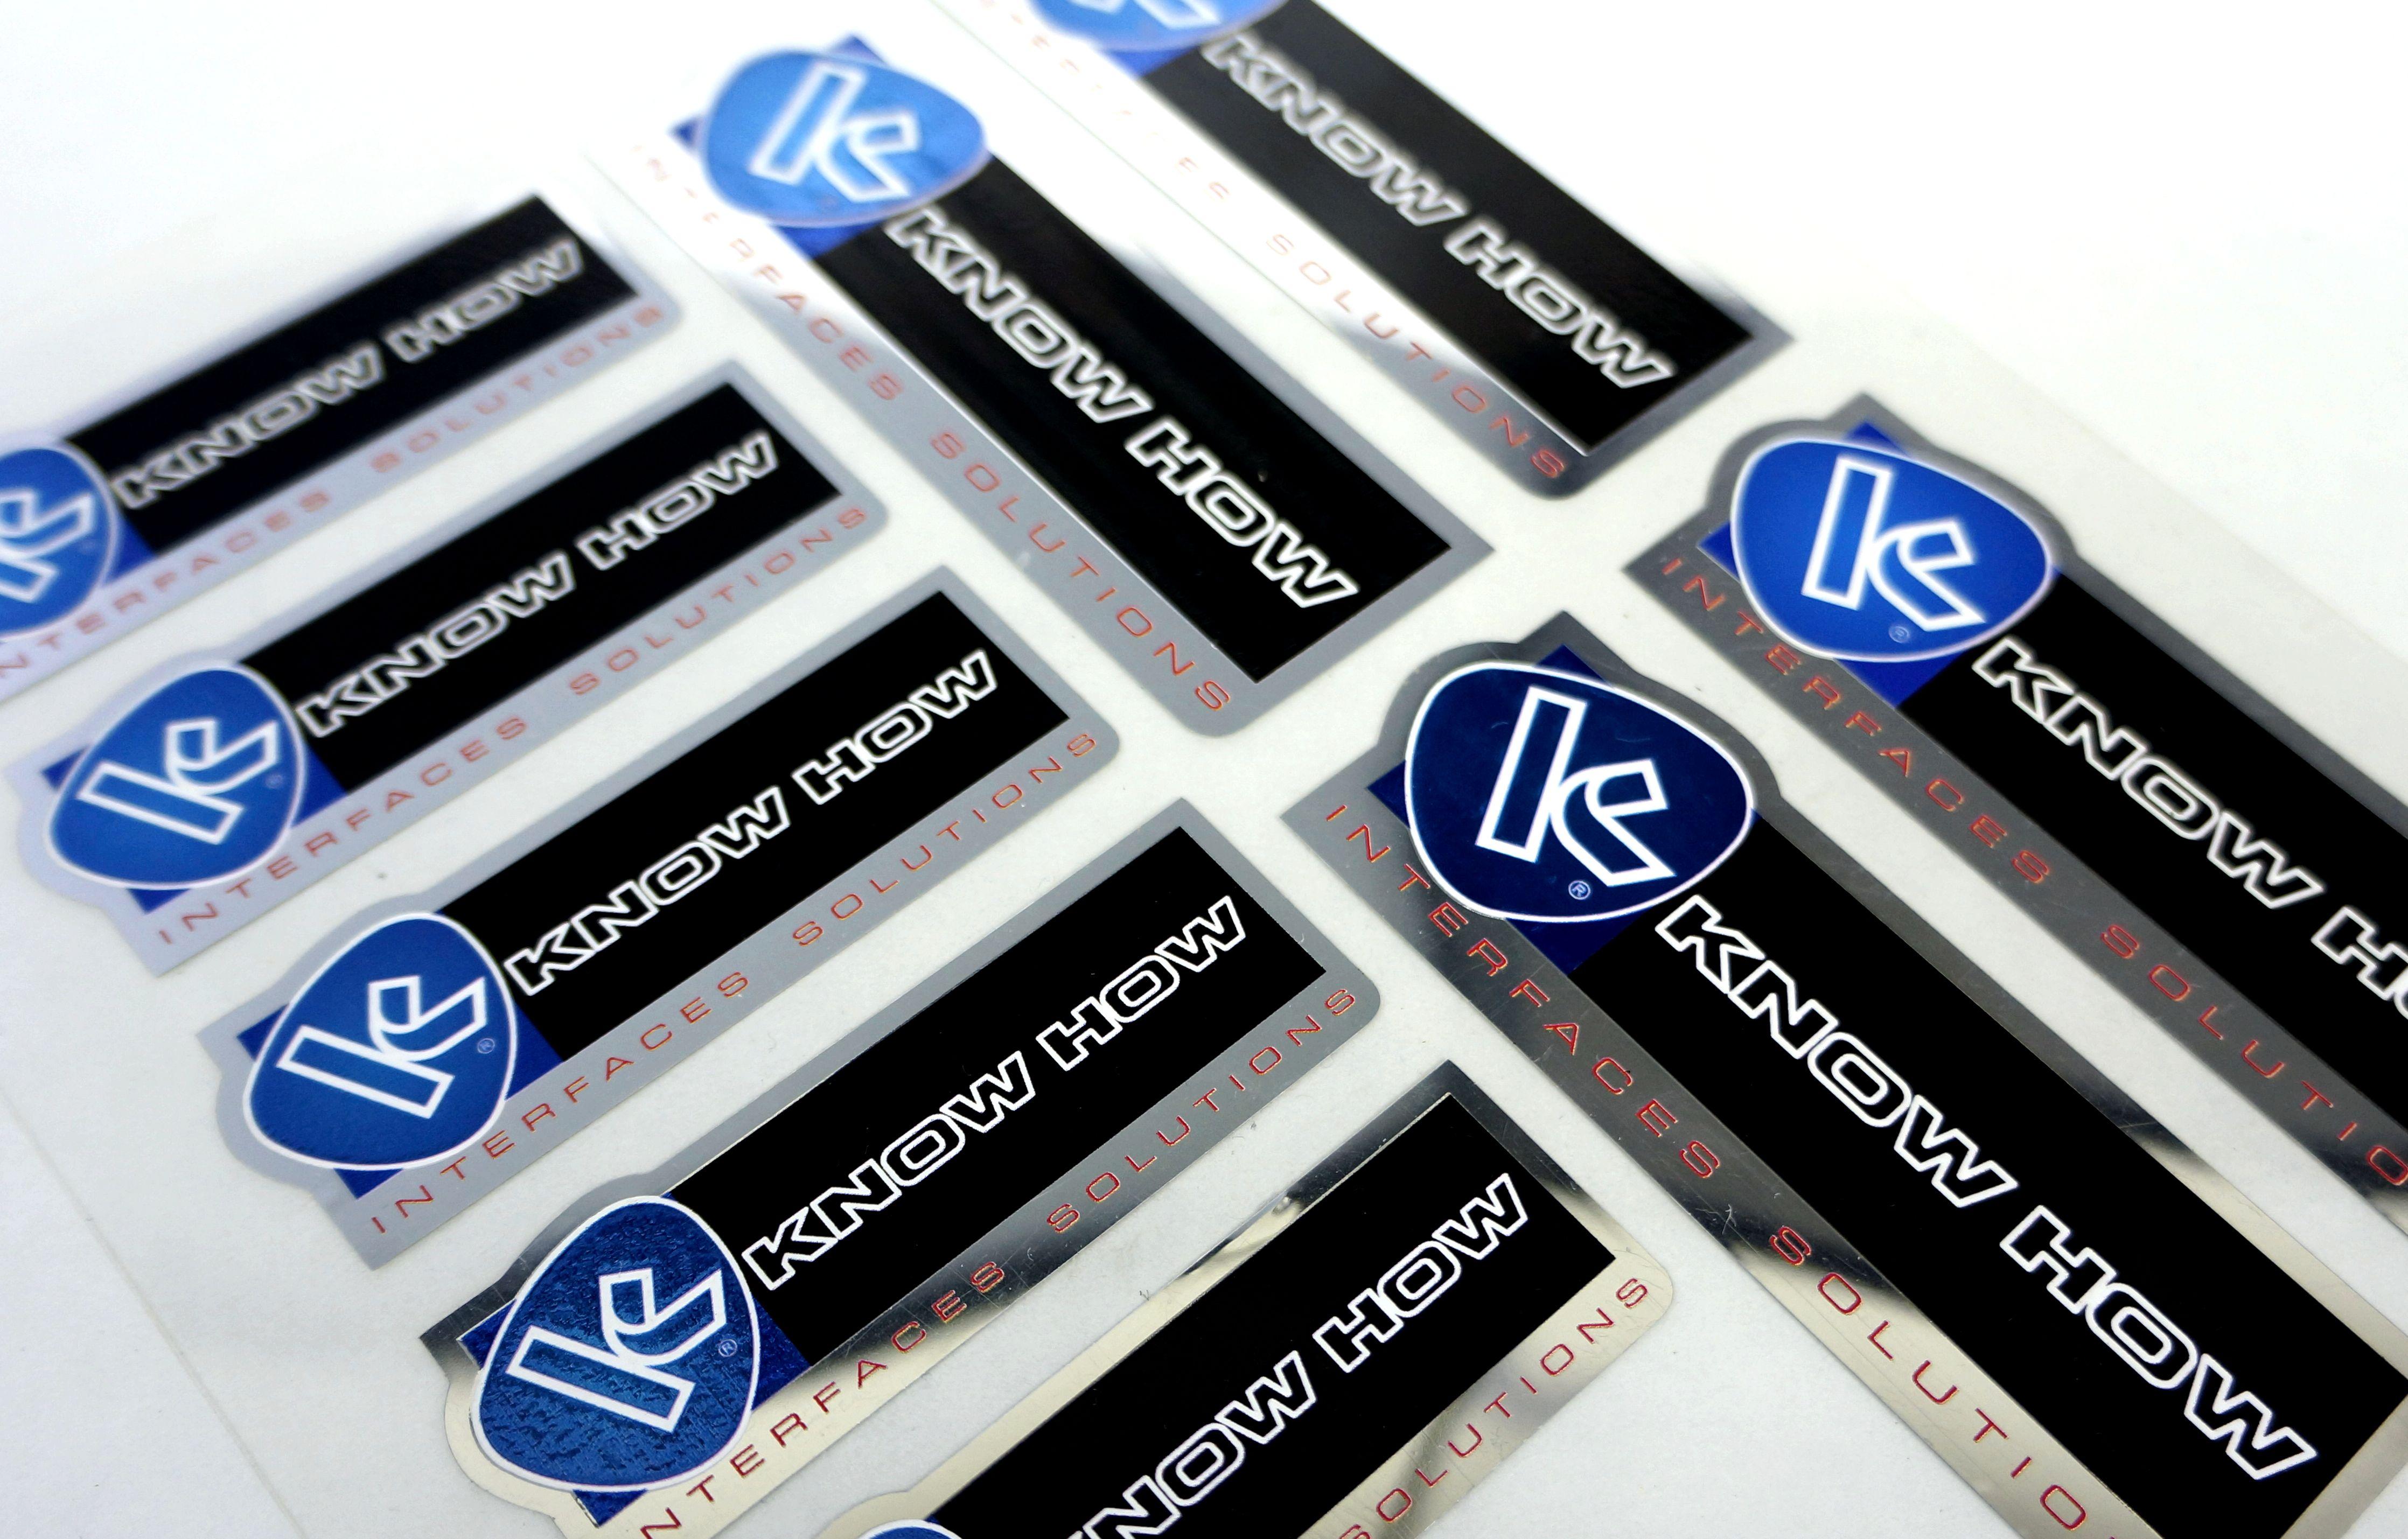 Impressão digital: Etiquetas